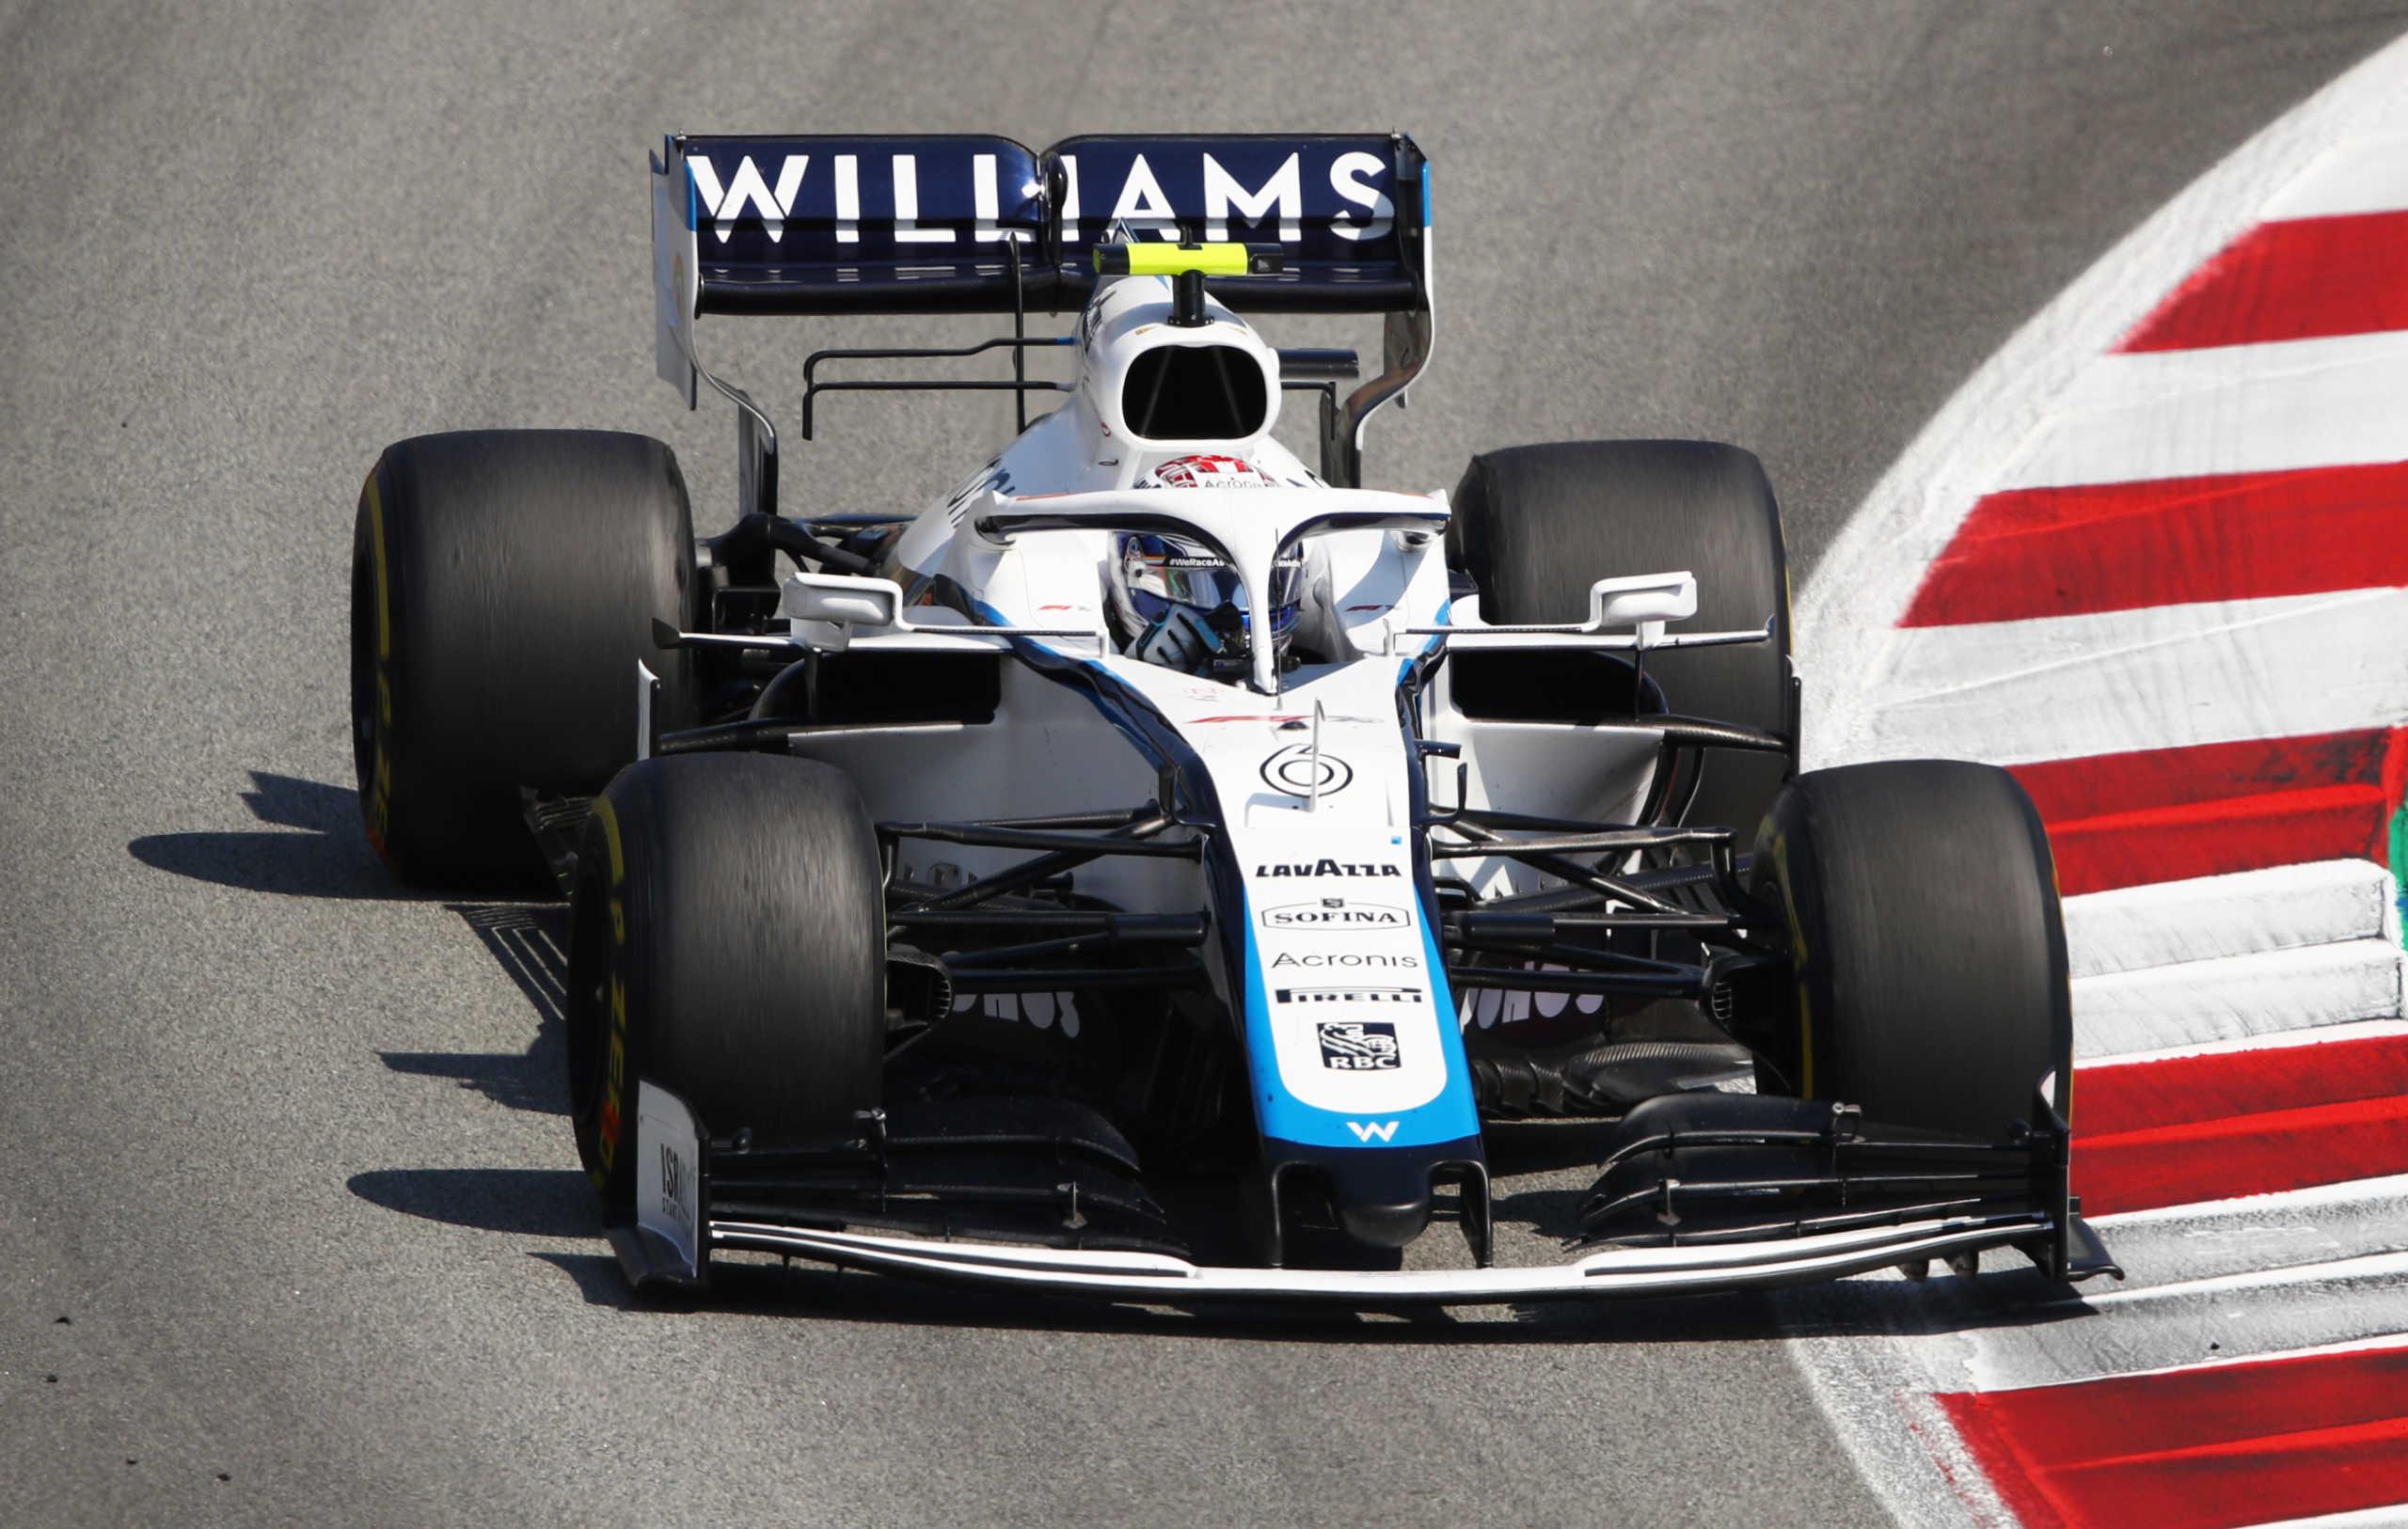 Πουλήθηκε η ιστορική Williams της Formula 1